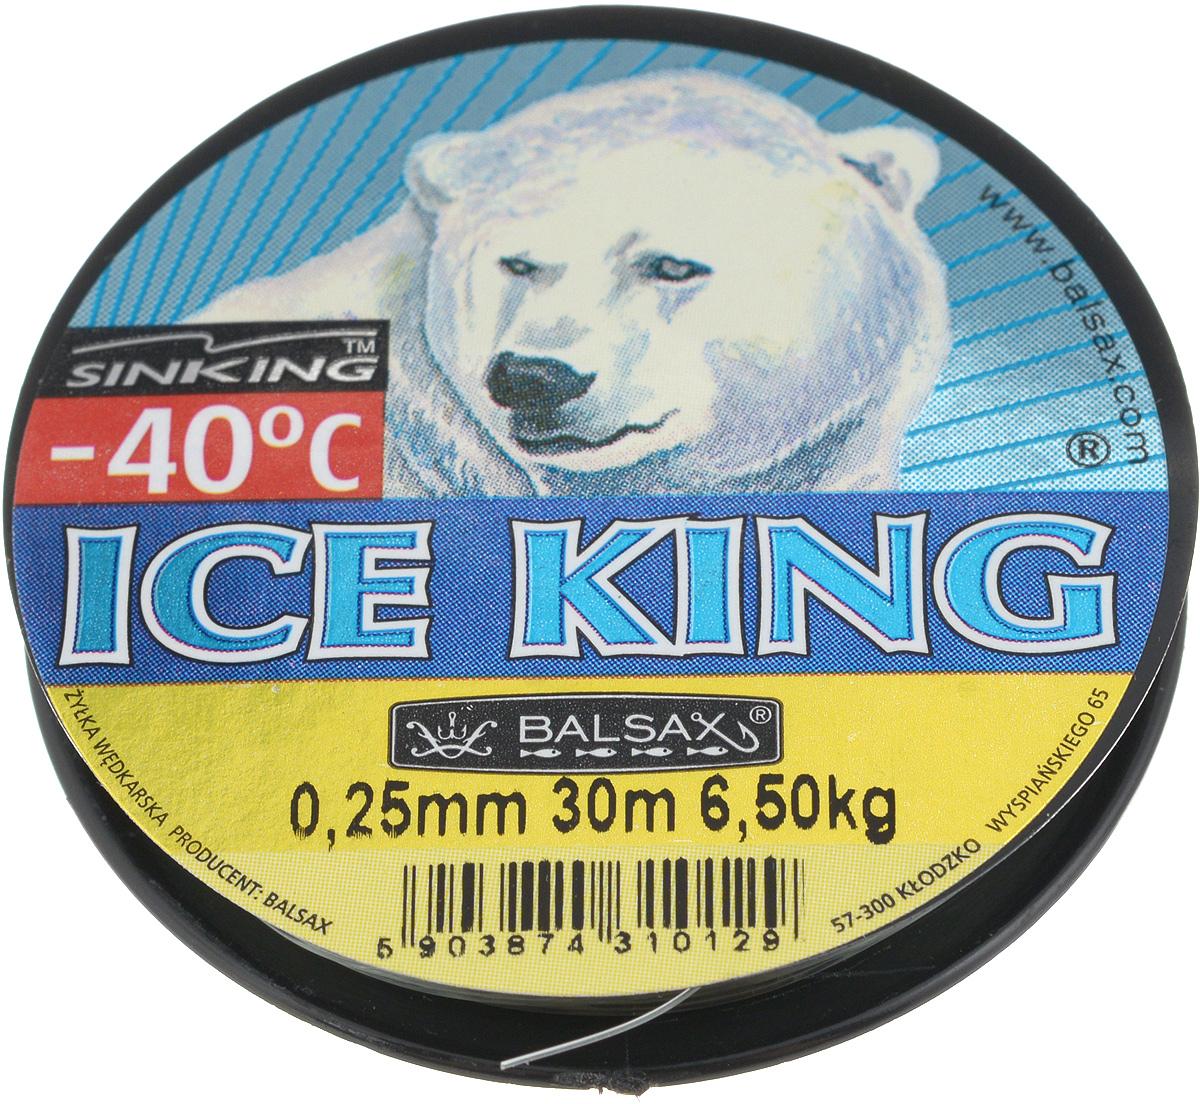 Леска зимняя Balsax Ice King, 30 м, 0,25 мм, 6,5 кг310-08025Леска Balsax Ice King изготовлена из 100% нейлона и очень хорошо выдерживает низкие температуры. Даже в самом холодном климате, при температуре вплоть до -40°C, она сохраняет свои свойства практически без изменений, в то время как традиционные лески становятся менее эластичными и теряют прочность. Поверхность лески обработана таким образом, что она не обмерзает и отлично подходит для подледного лова. Прочна в местах вязки узлов даже при минимальном диаметре.